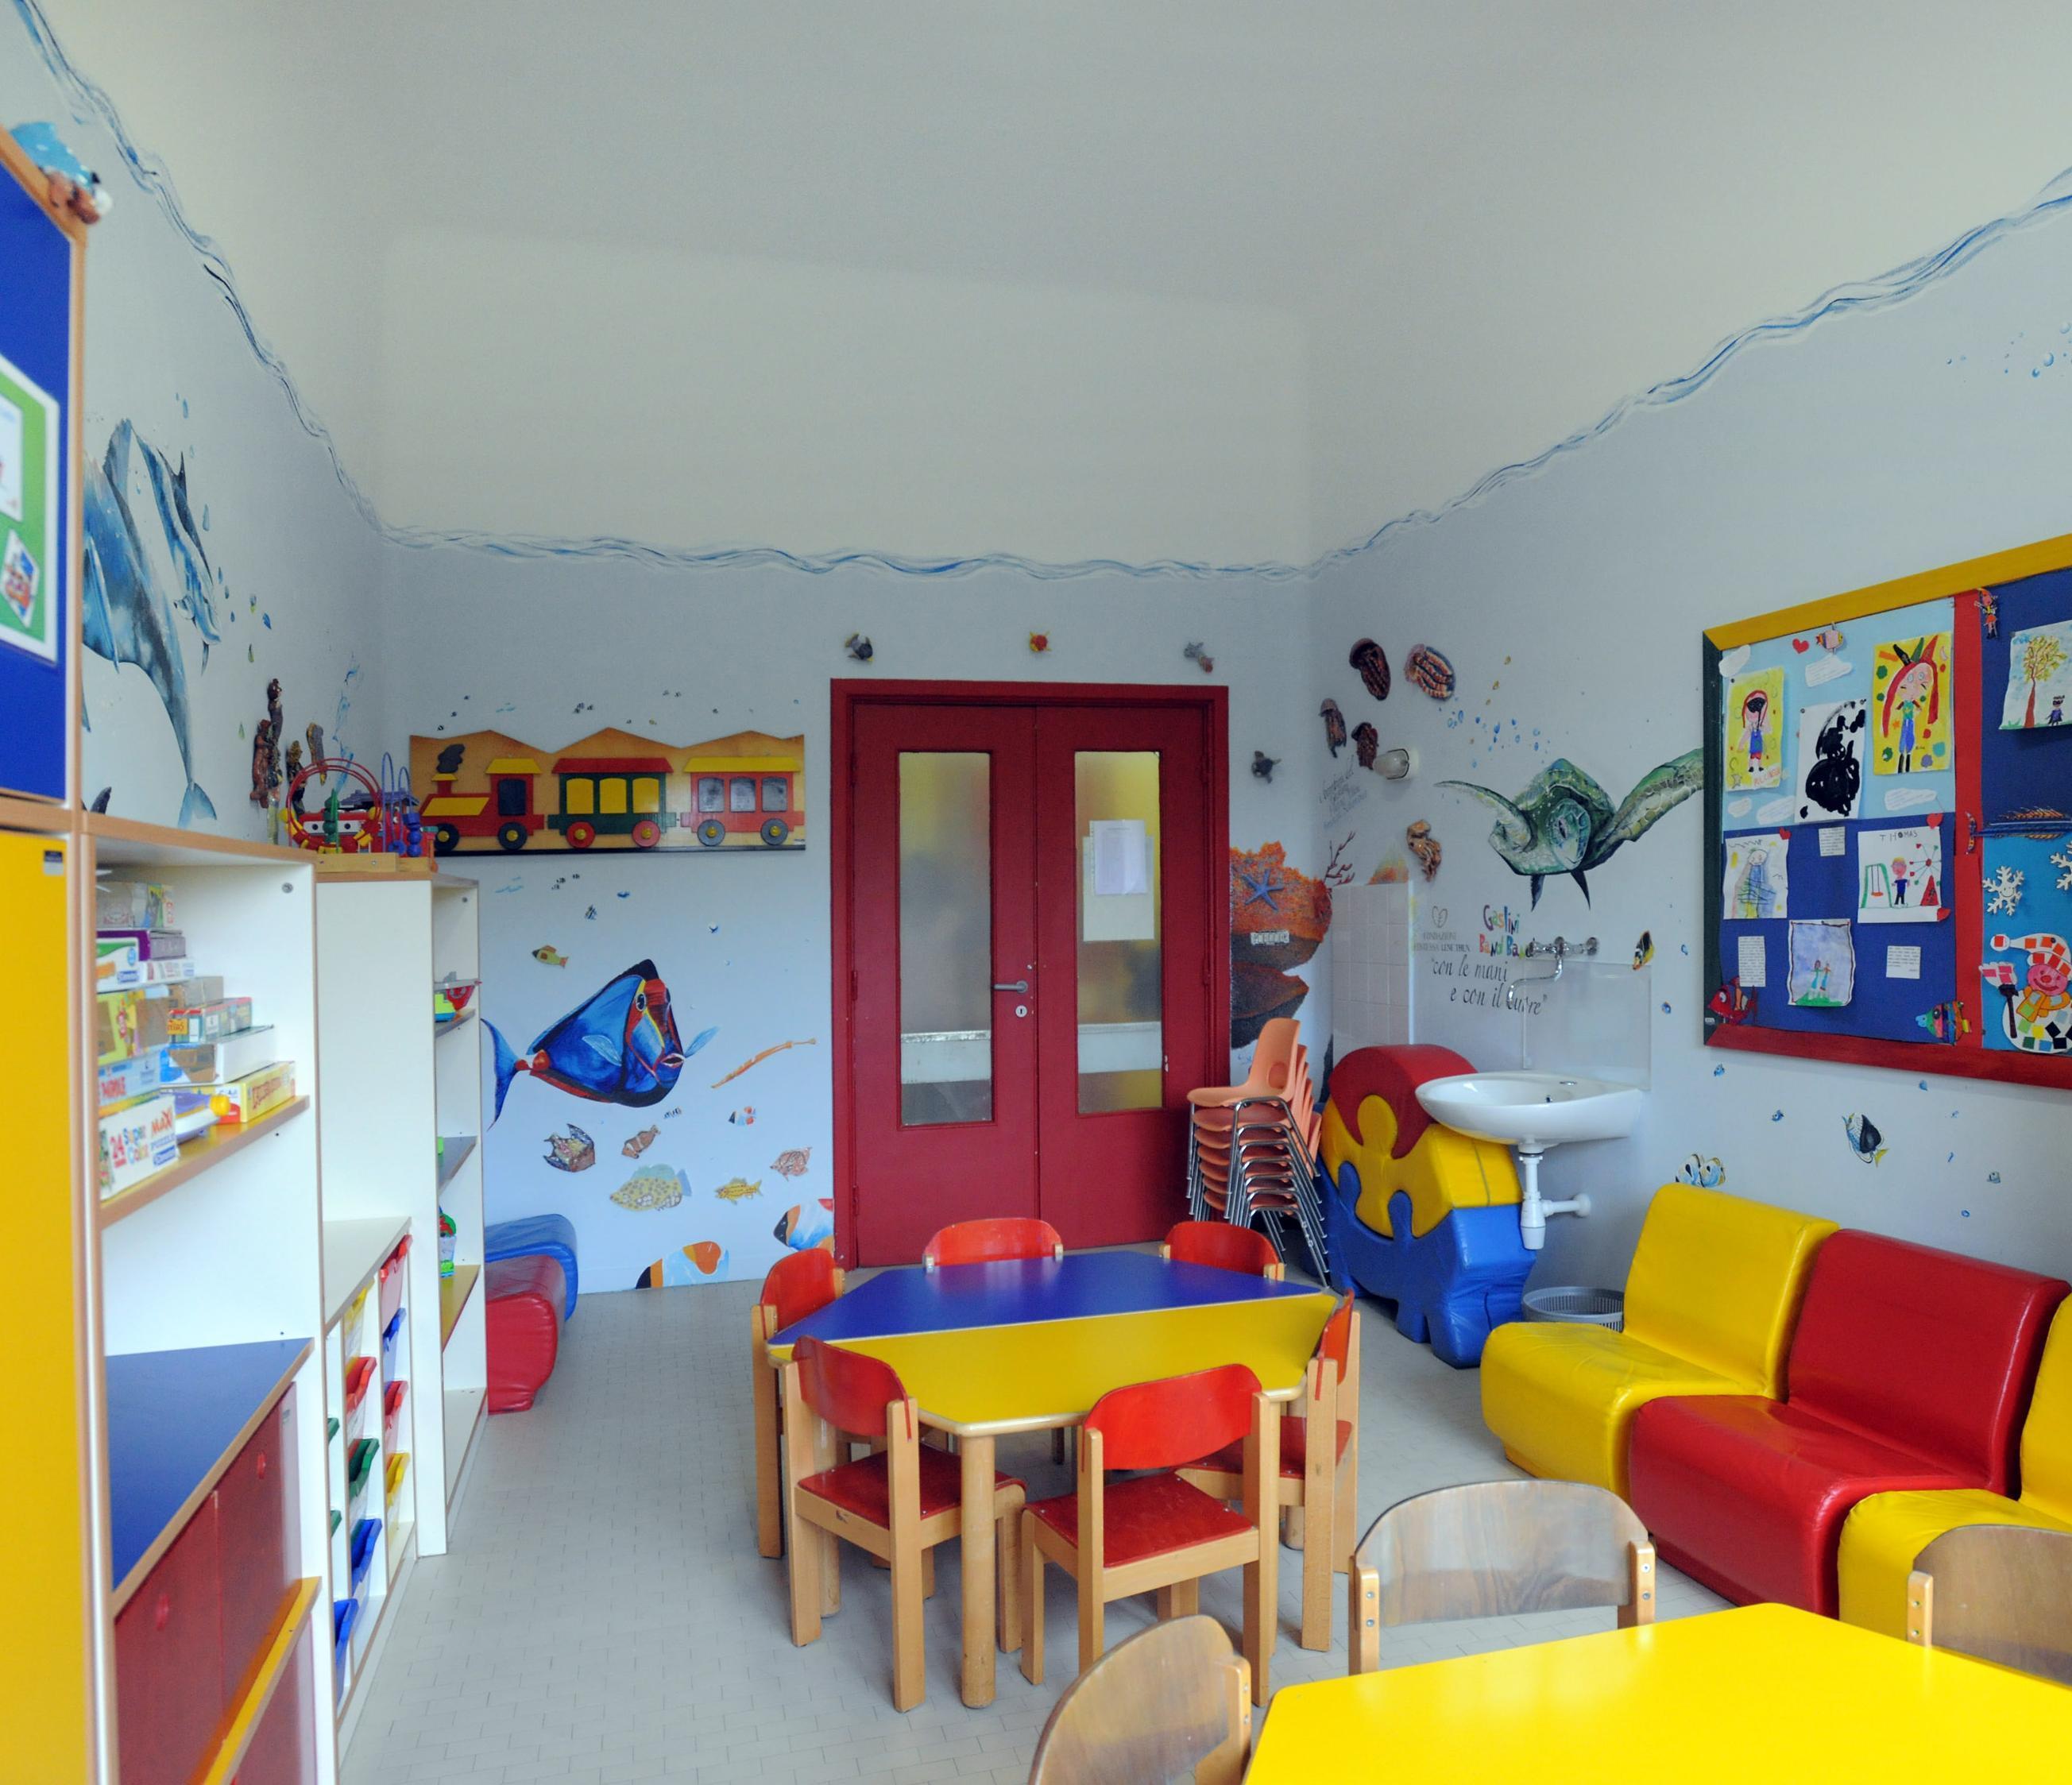 Metti una sala giochi all interno di un ospedale for All interno di una cabina